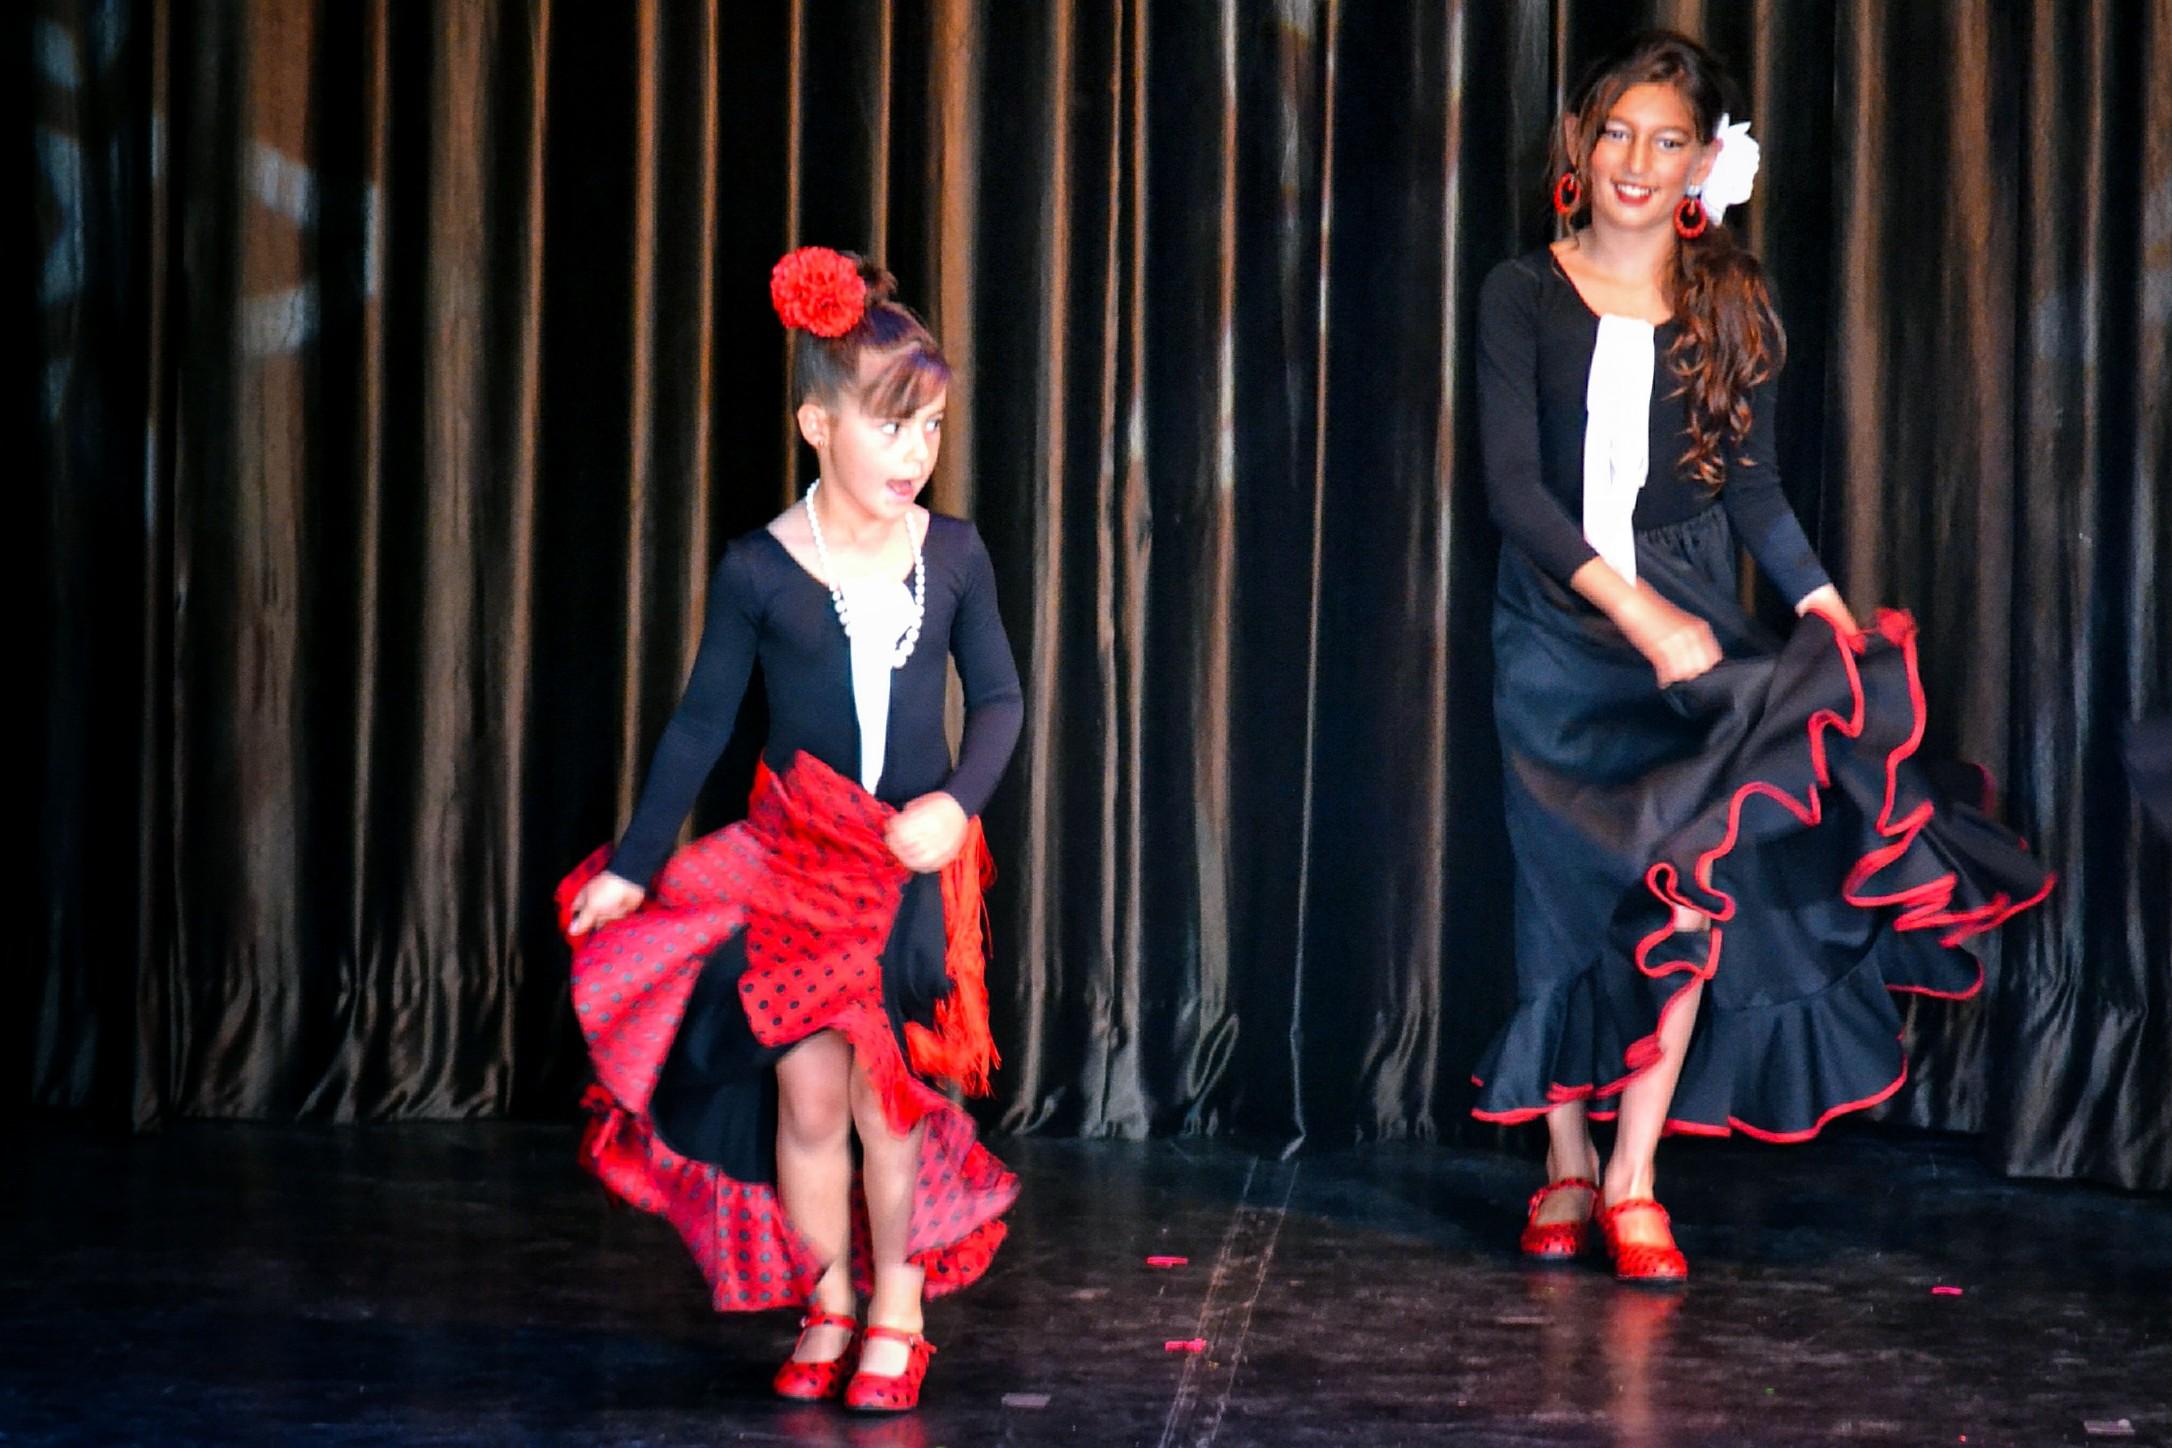 Linea-de-Baile-festival-verano-2015-clases-de-baile-valencia-35